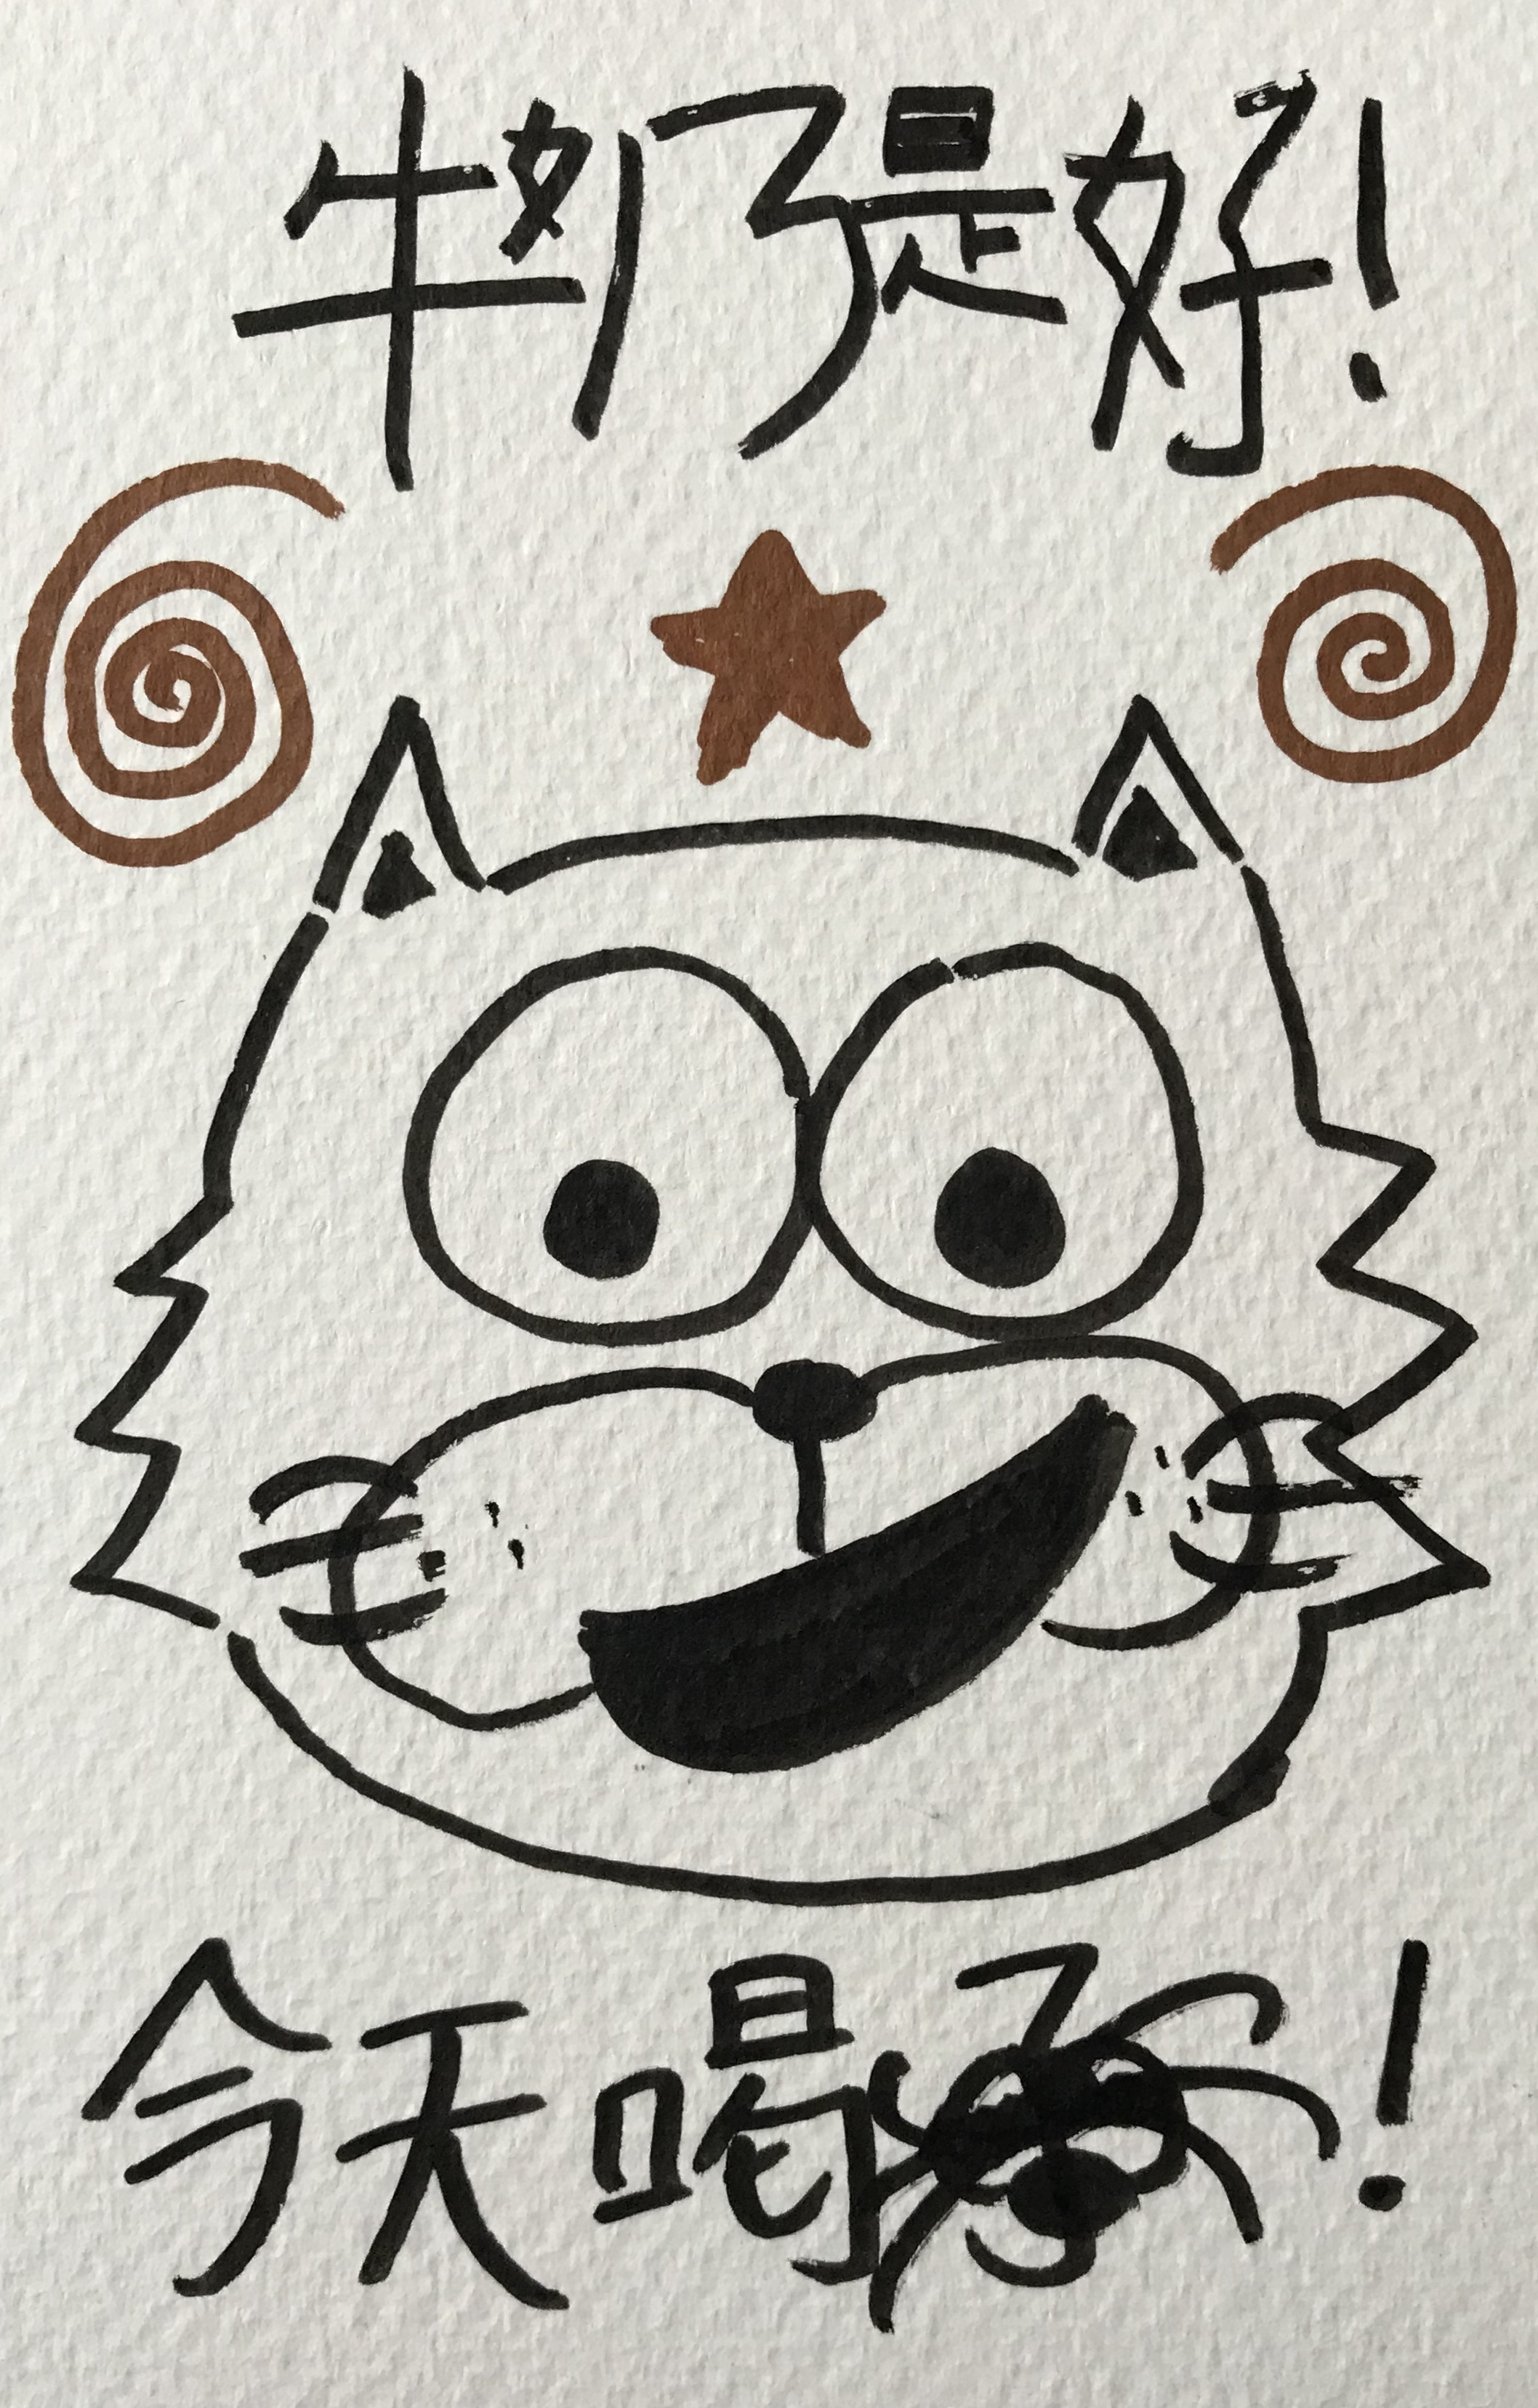 牛奶是好 miylk kitten art postcard marker calligraphy typography kawaii かわいい 描く コミックス ペン オタク